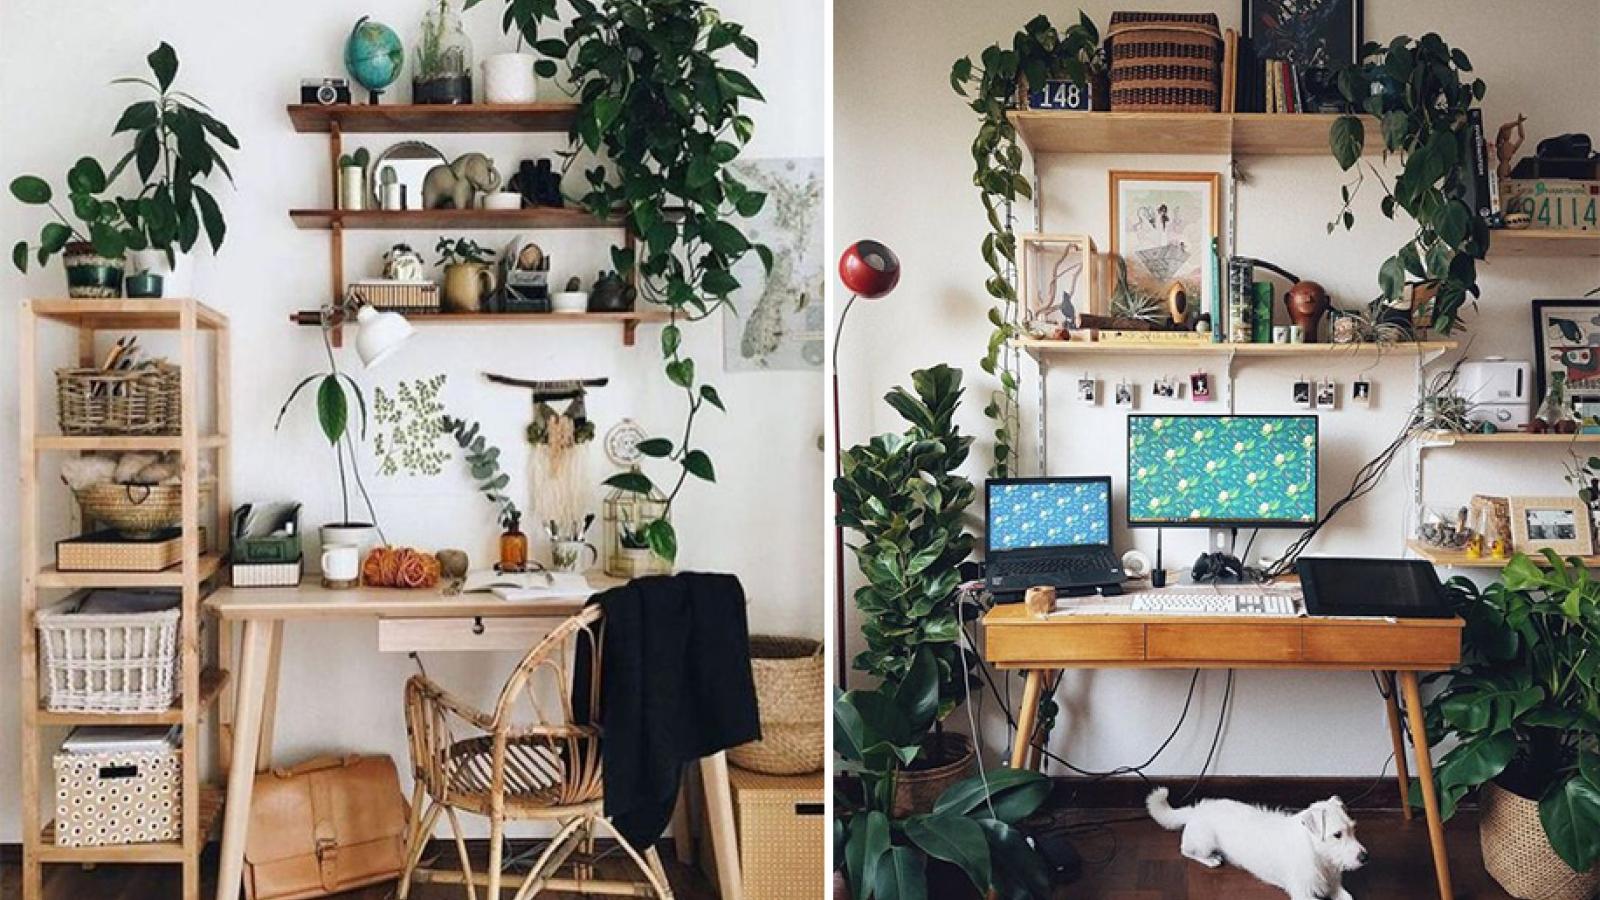 Ý tưởng trang trí giúp bàn làm việc của bạn hòa vào thiên nhiên